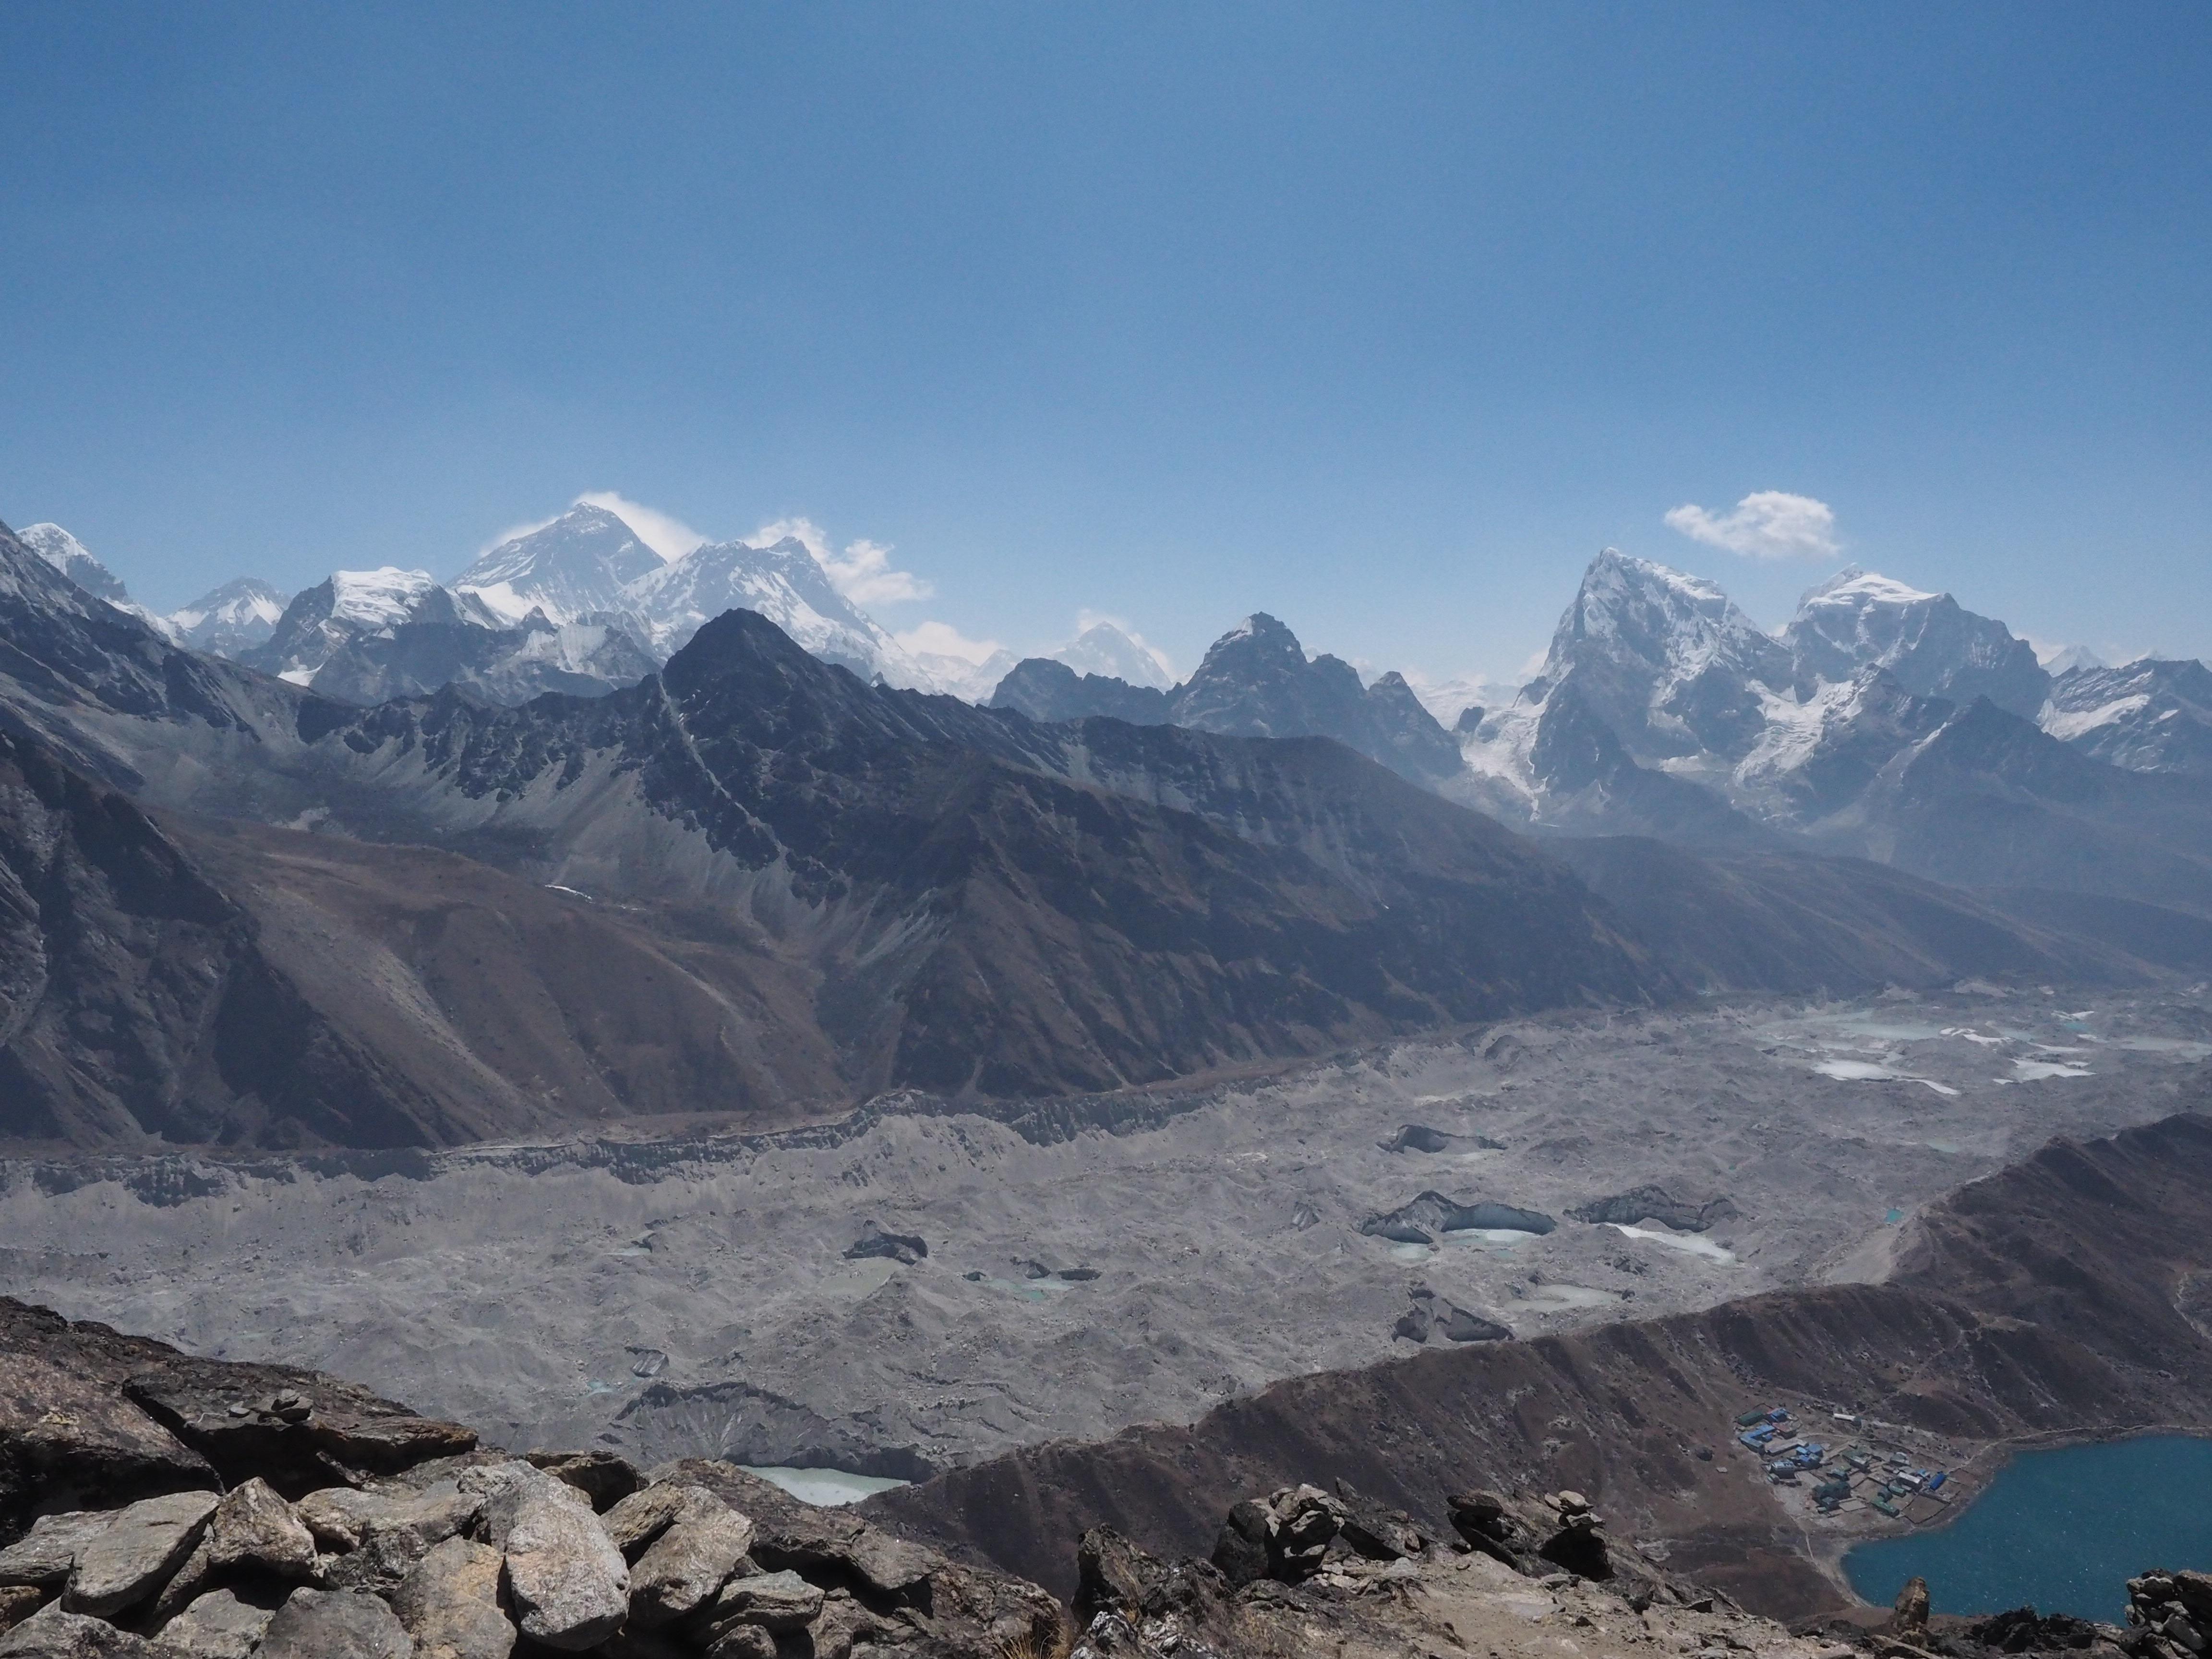 Gambar Pemandangan Gurun Berjalan Salju Danau Petualangan